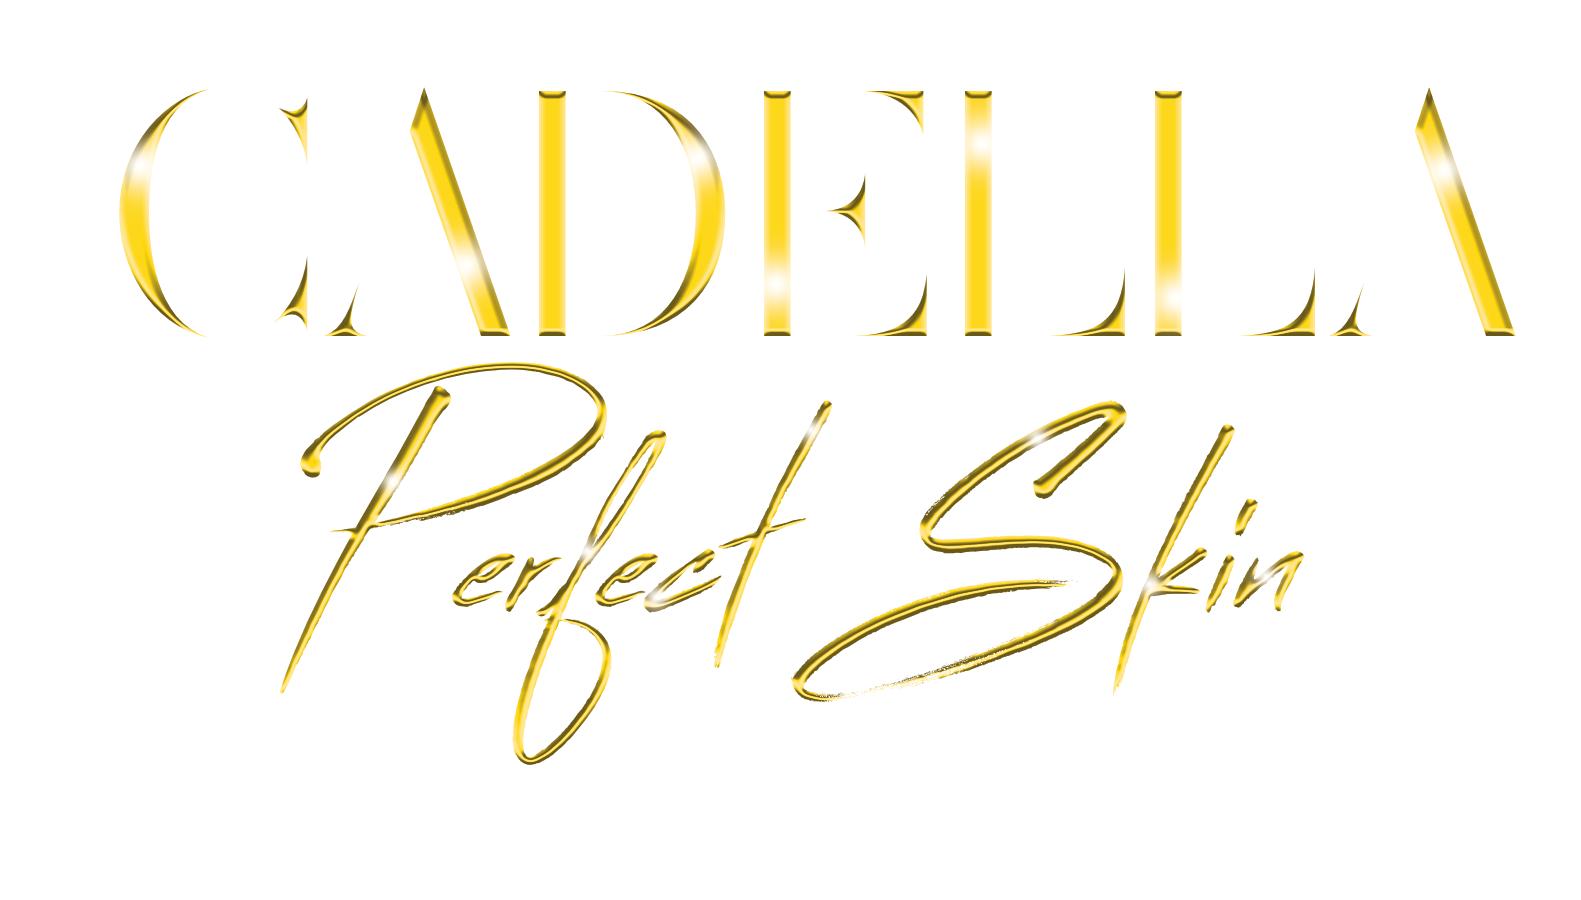 Cadella Perfect Skin | The Magnificent Mile